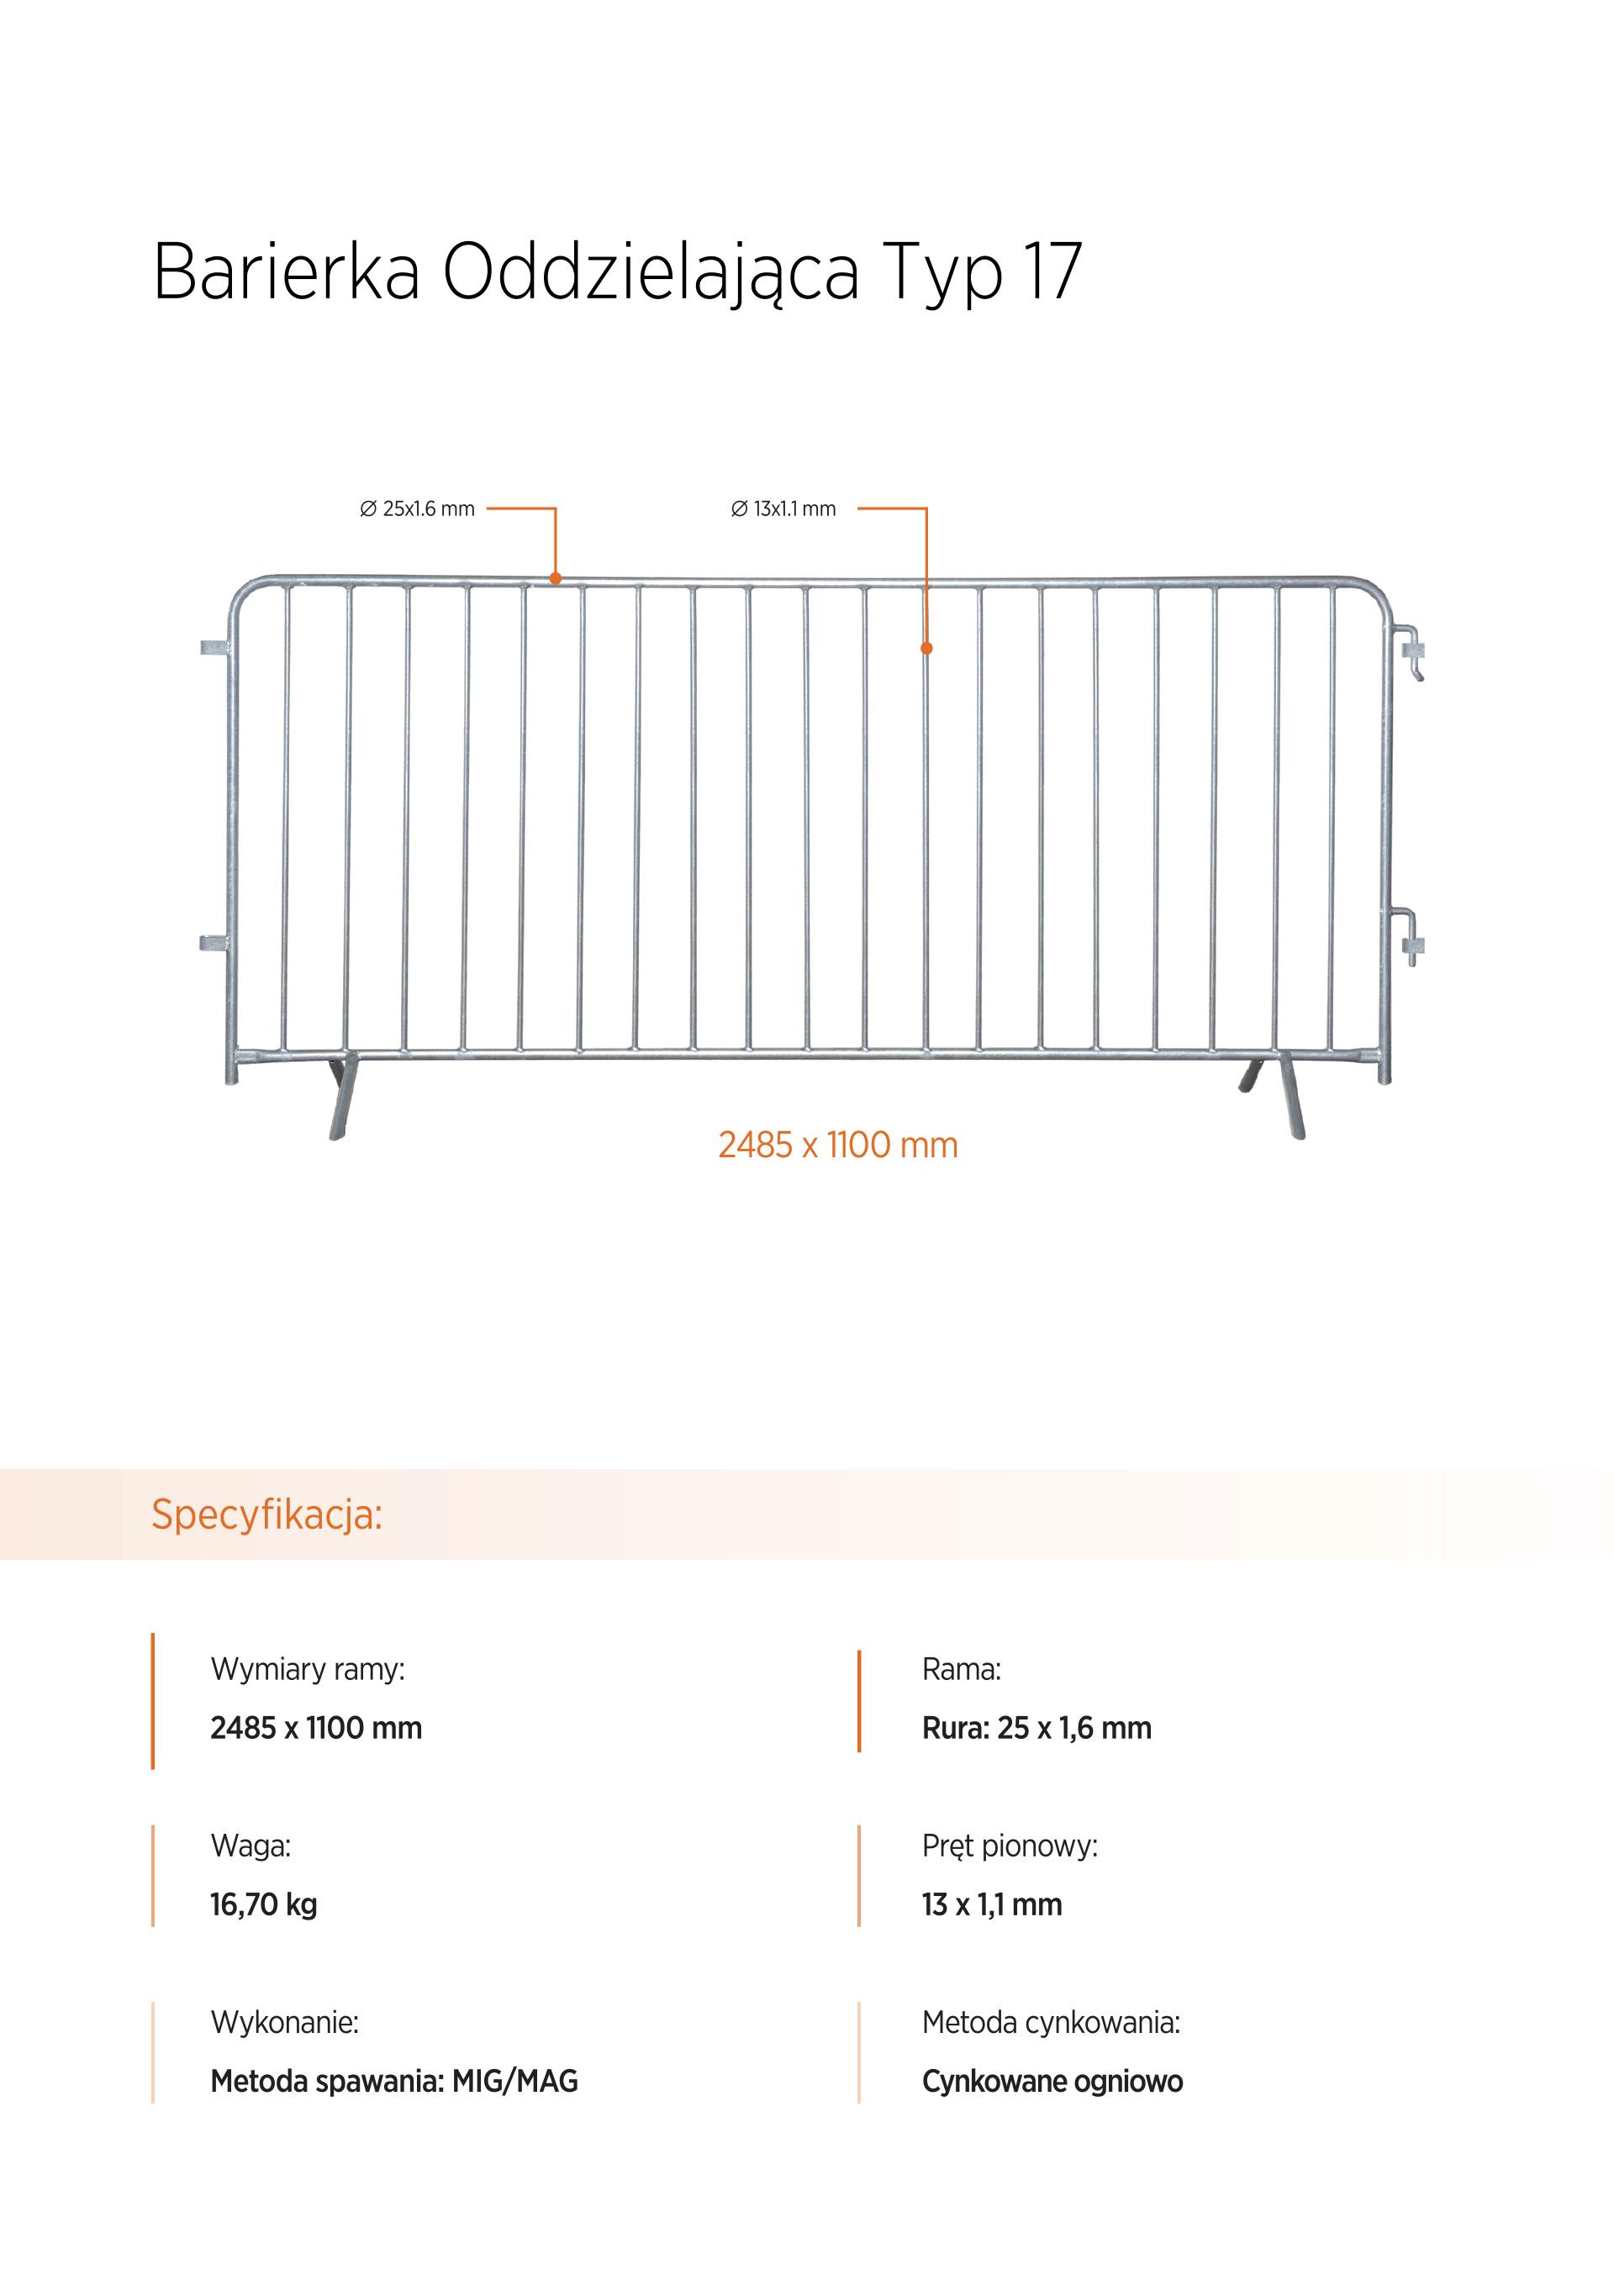 barierka eventowa - Ogrodzenia tymczasowe Rydułtowy